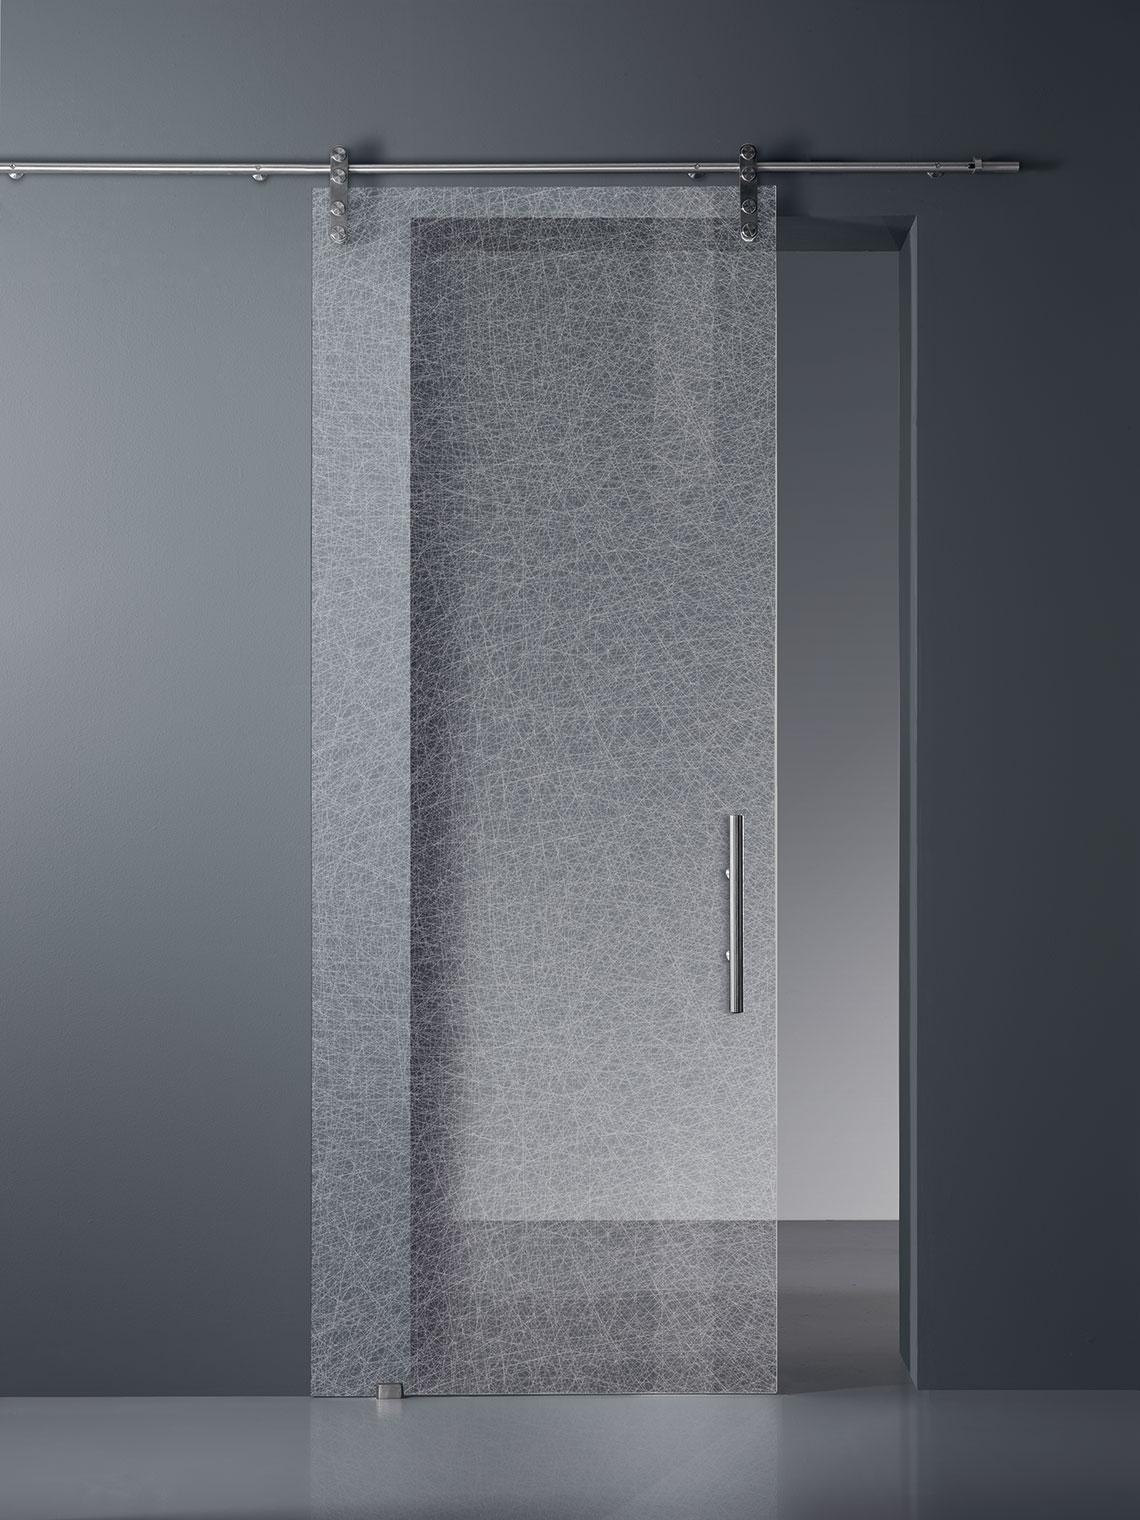 porte vitrée, porte coulissante en verre, porte en verre sur mesure, verre securit trempé imprimé